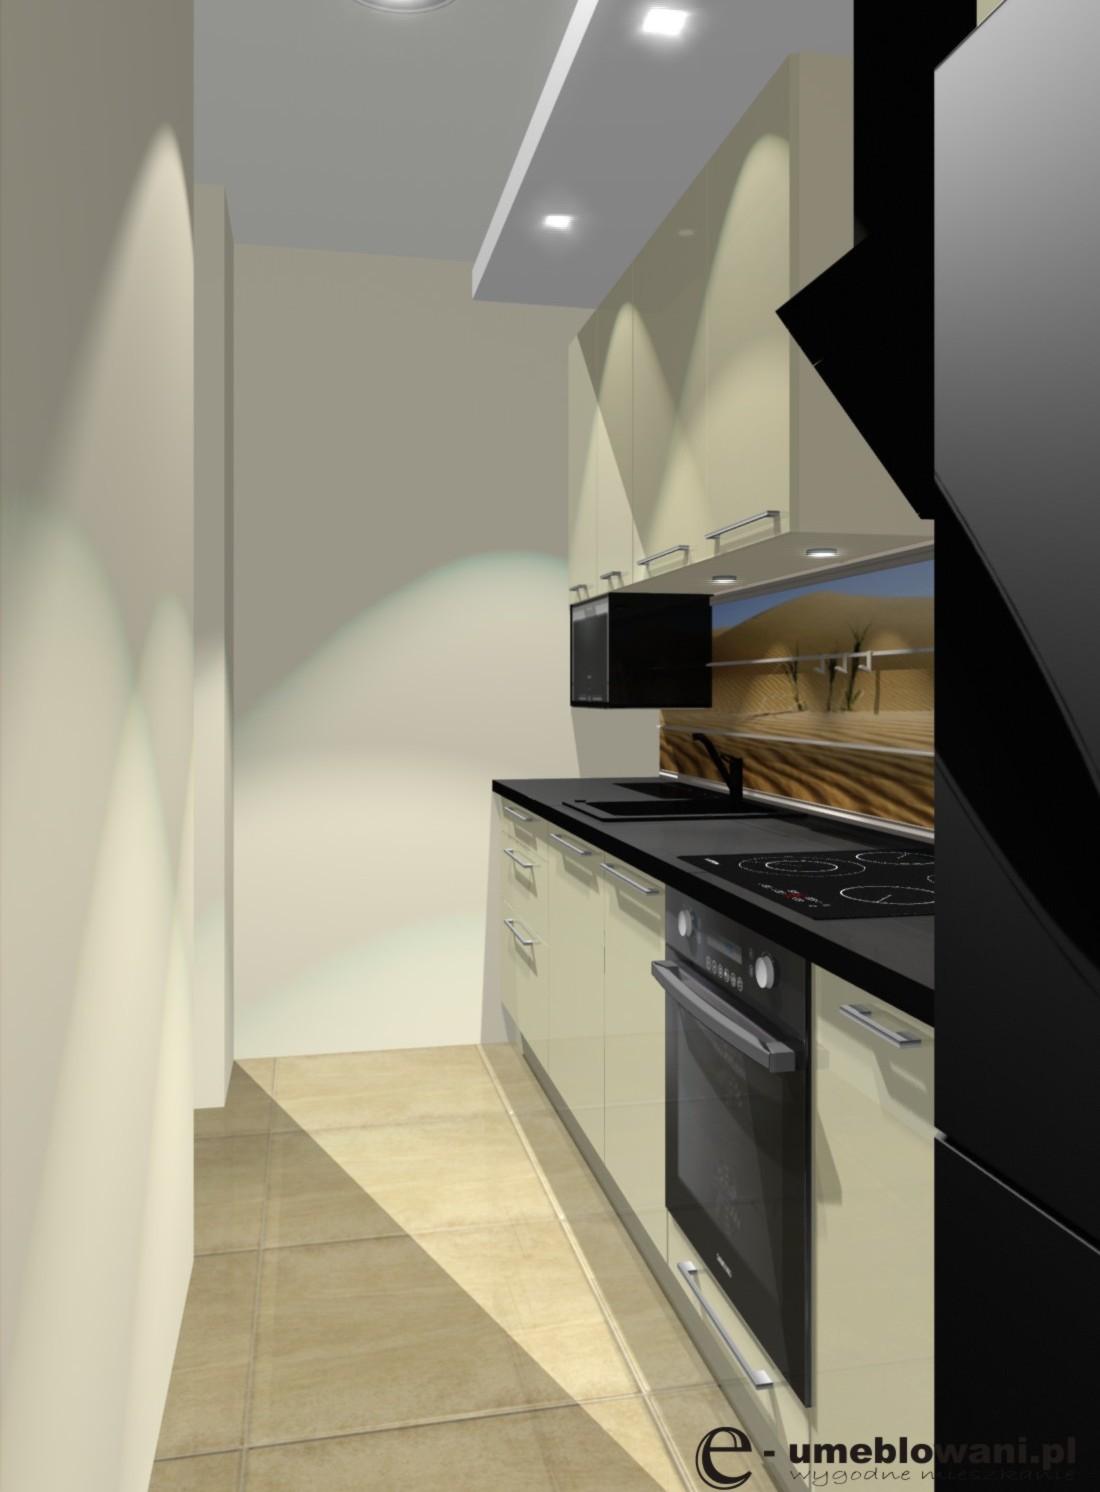 Wąska kuchnia w bloku, beż, czarny blat, fototapeta na ścianie, pikearnik pod   -> Wąska Kuchnia W Bloku Aranżacje